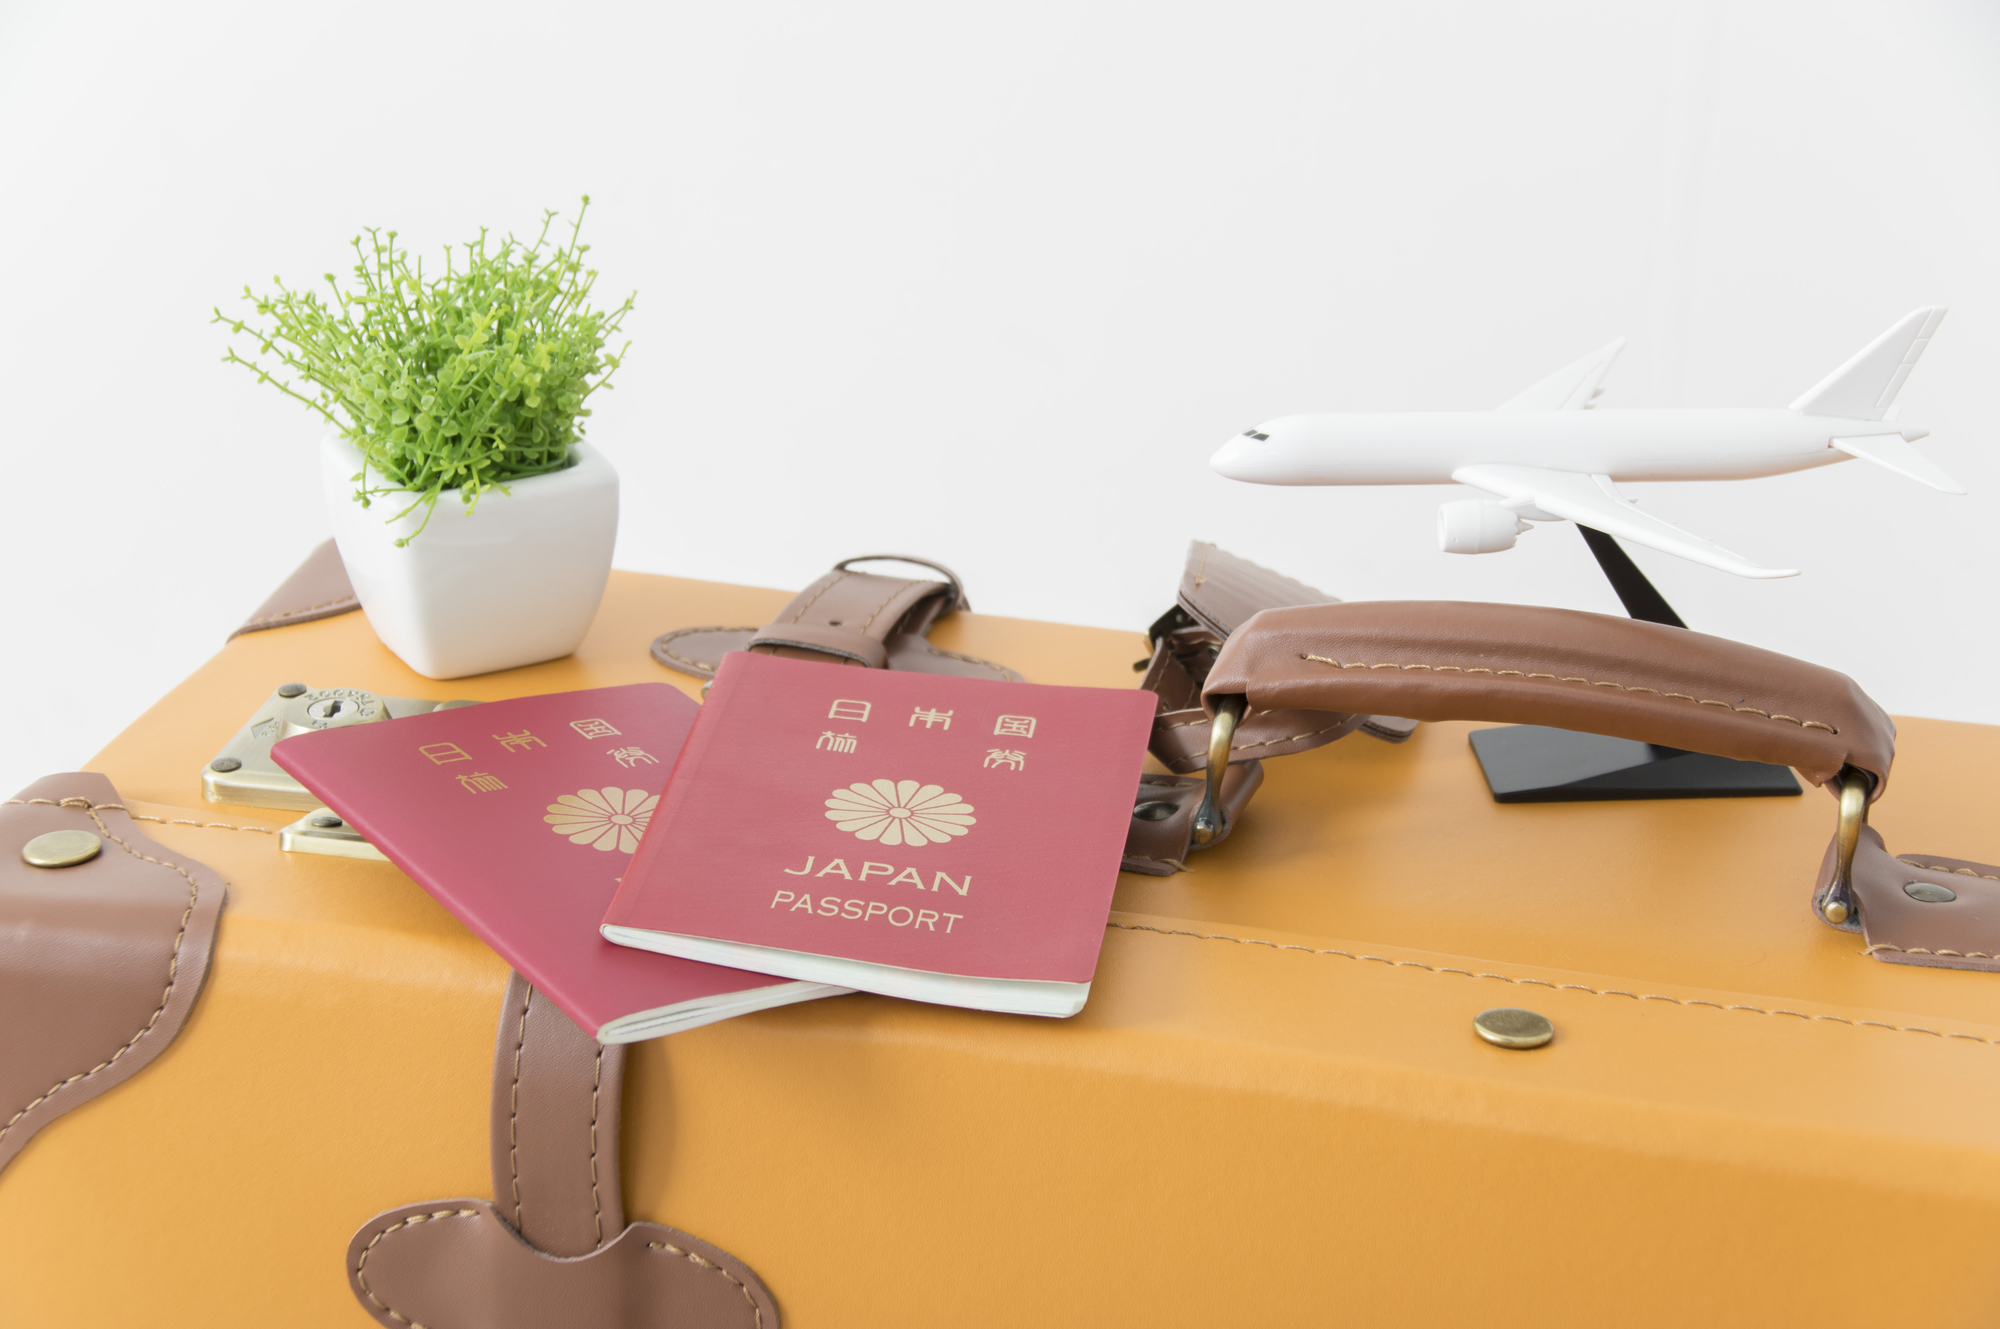 パスポートは引越し時に手続きが必要かどうか徹底検証!